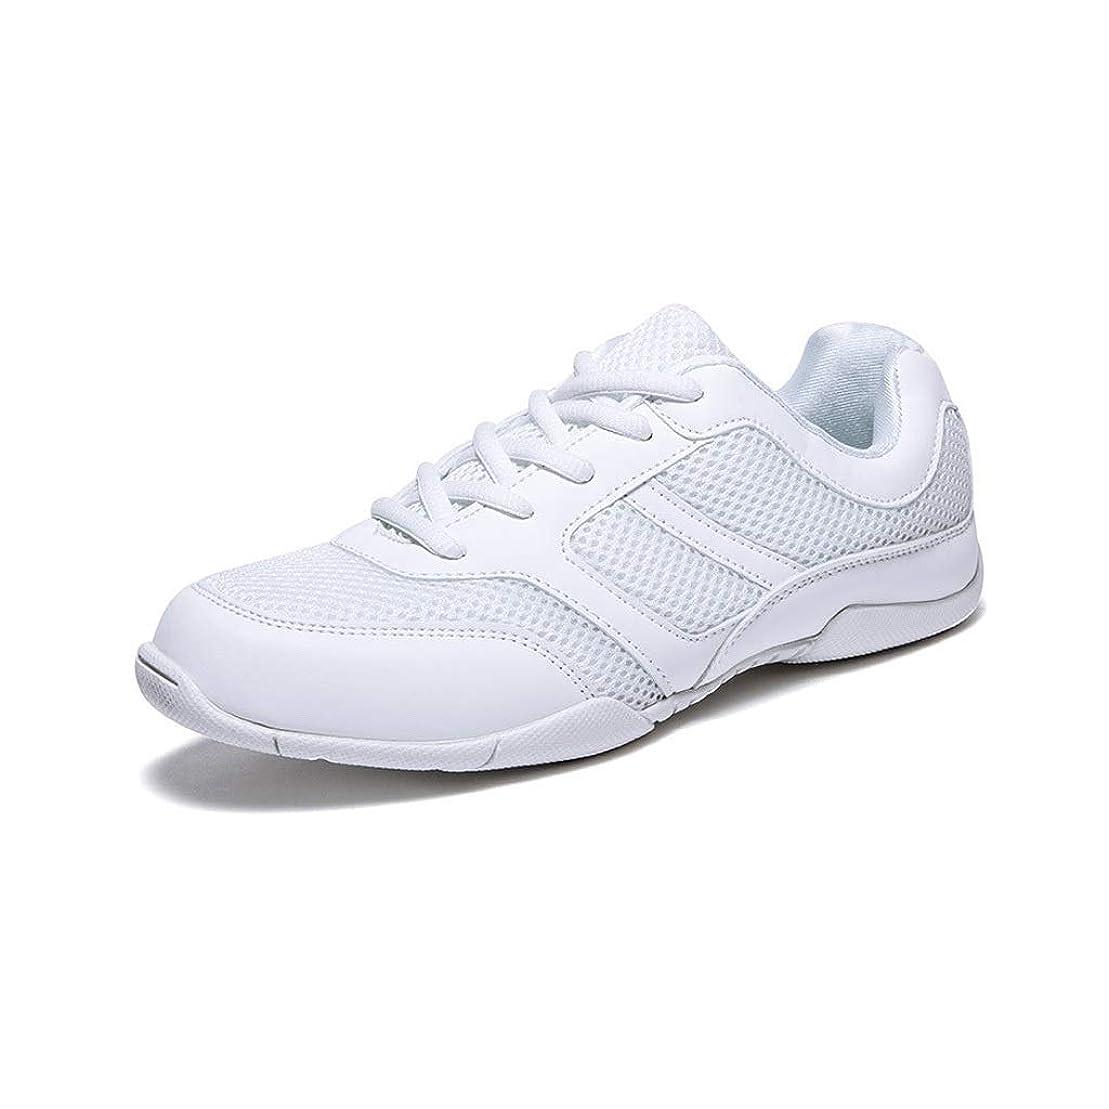 建築家メンバー魅力的Ailj スポーツシューズ、 女性 春 シングルシューズ きれいな表面 小さな白い靴 カジュアル通気性 キャンバスシューズ 滑り止めランニングシューズ(ホワイト) (色 : 白, サイズ さいず : EU 40/US 7.5/UK 6.5/JP 25cm)